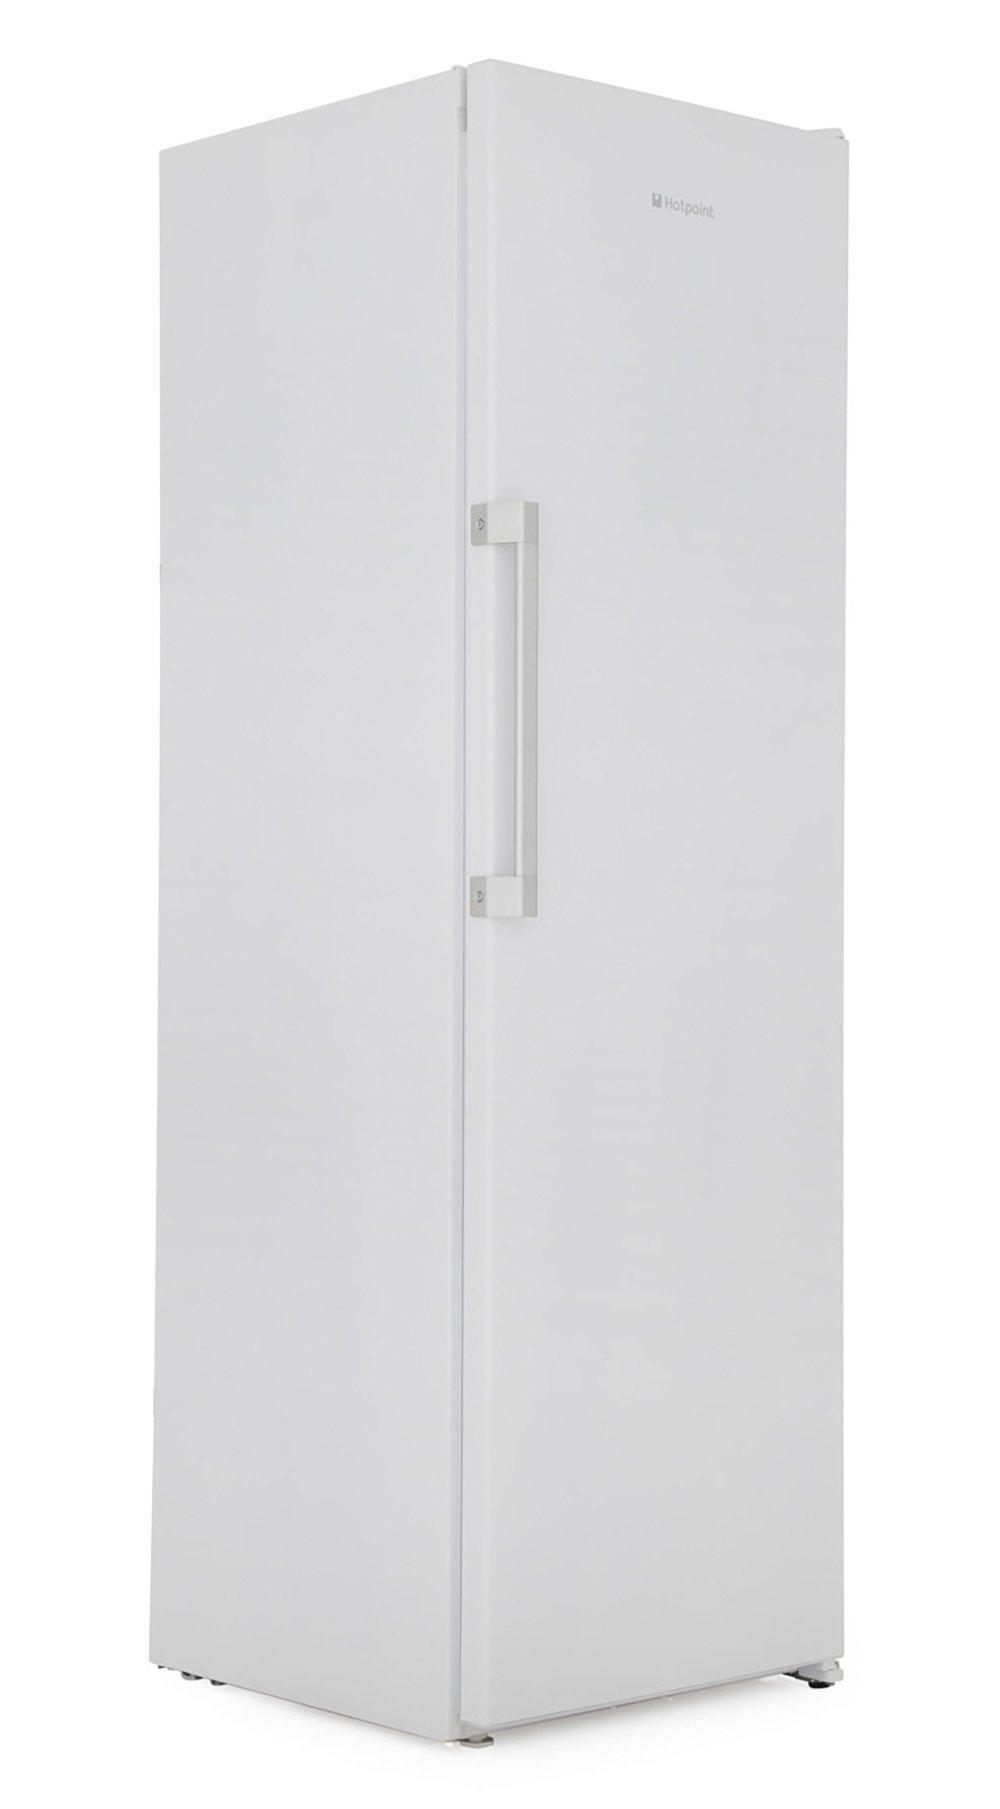 Hotpoint SH8 1Q WRFD UK.1 Tall Larder Fridge